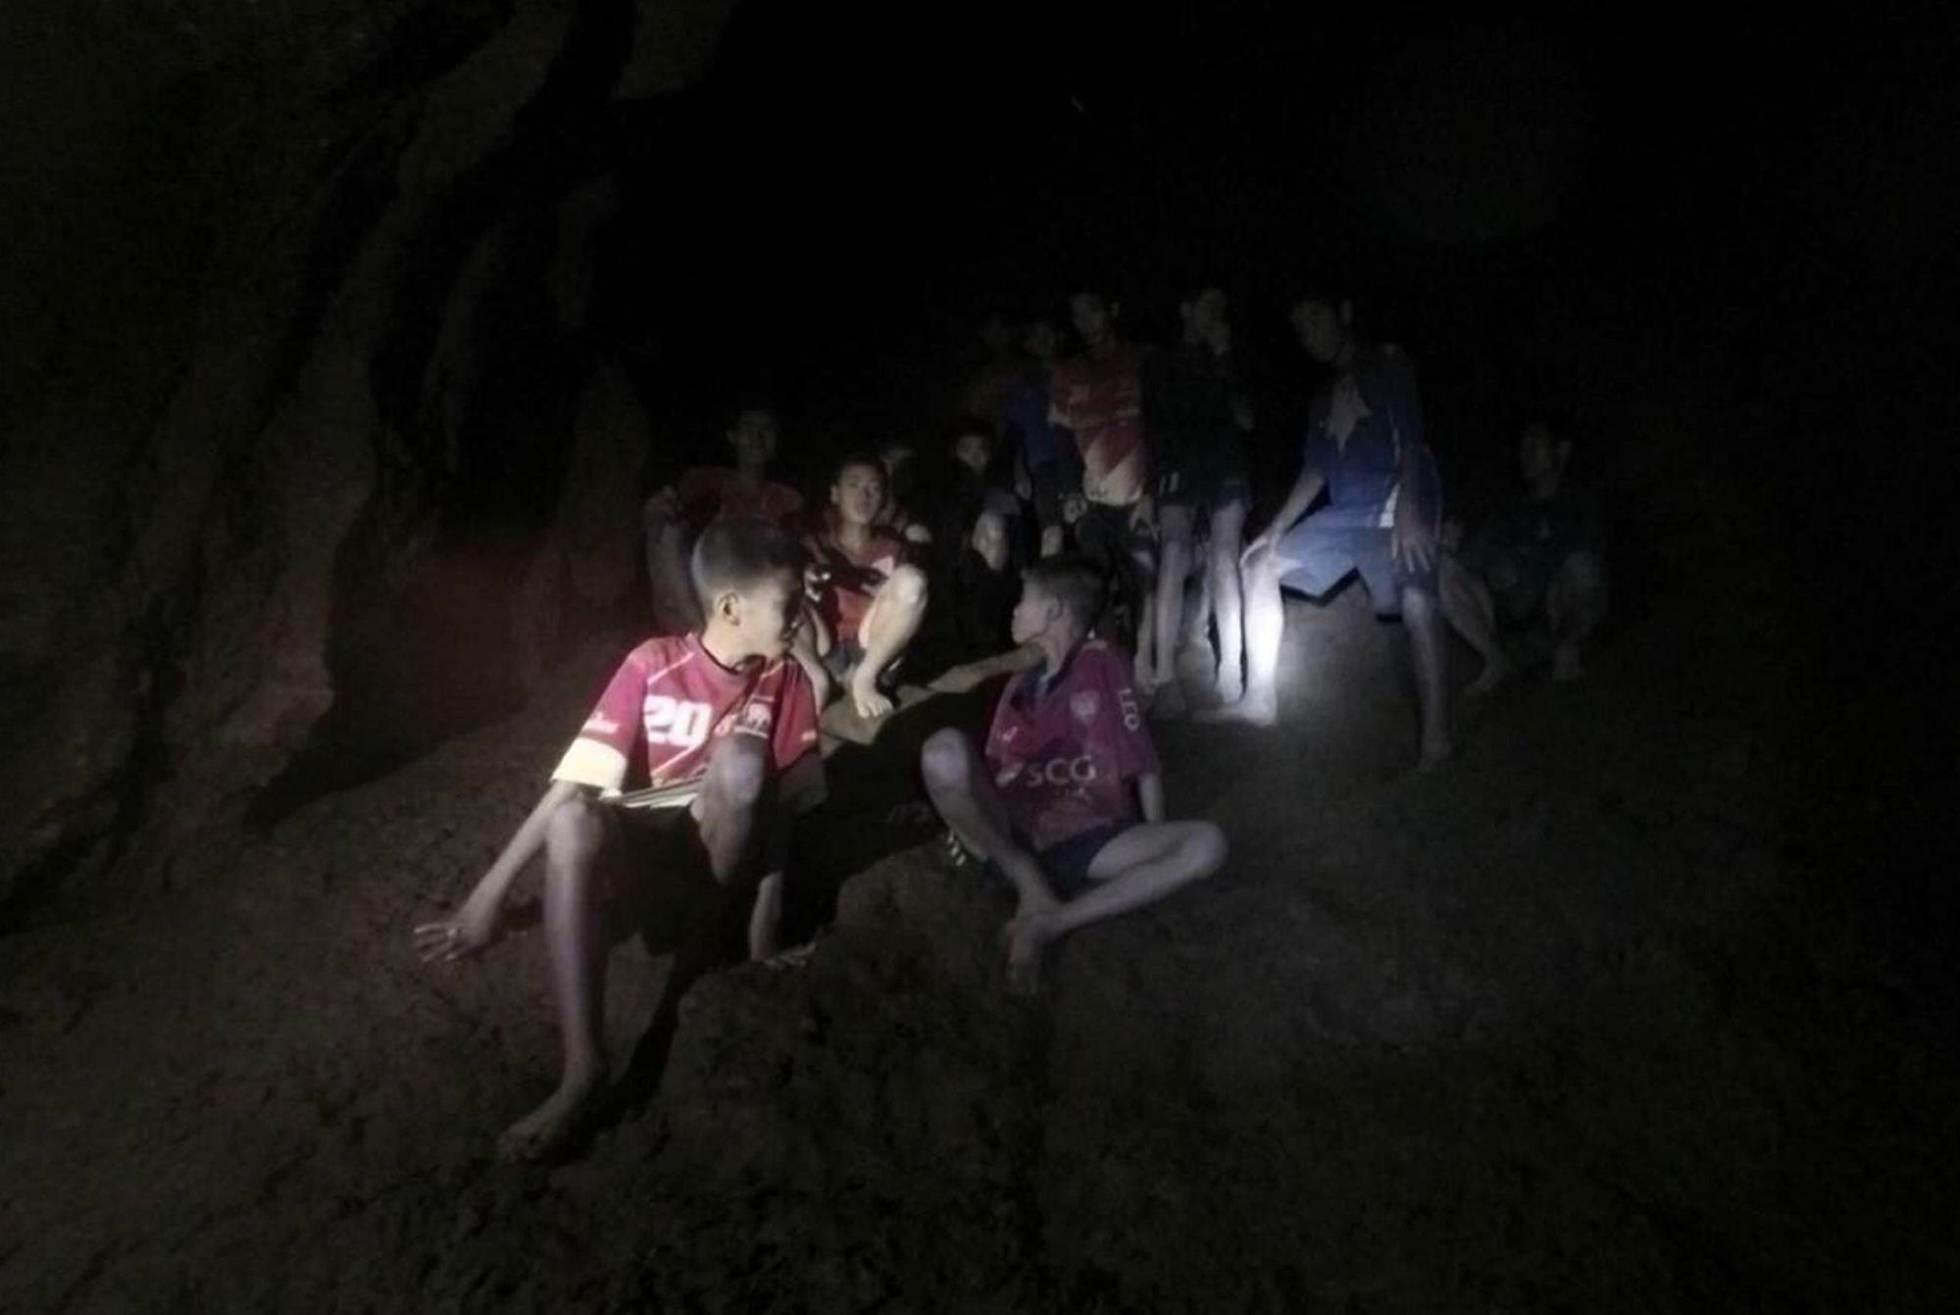 Los 12 menores y su entrenador, desaparecidos en la cueva Tham Luang, en el momento de su rescate en Tailandia.